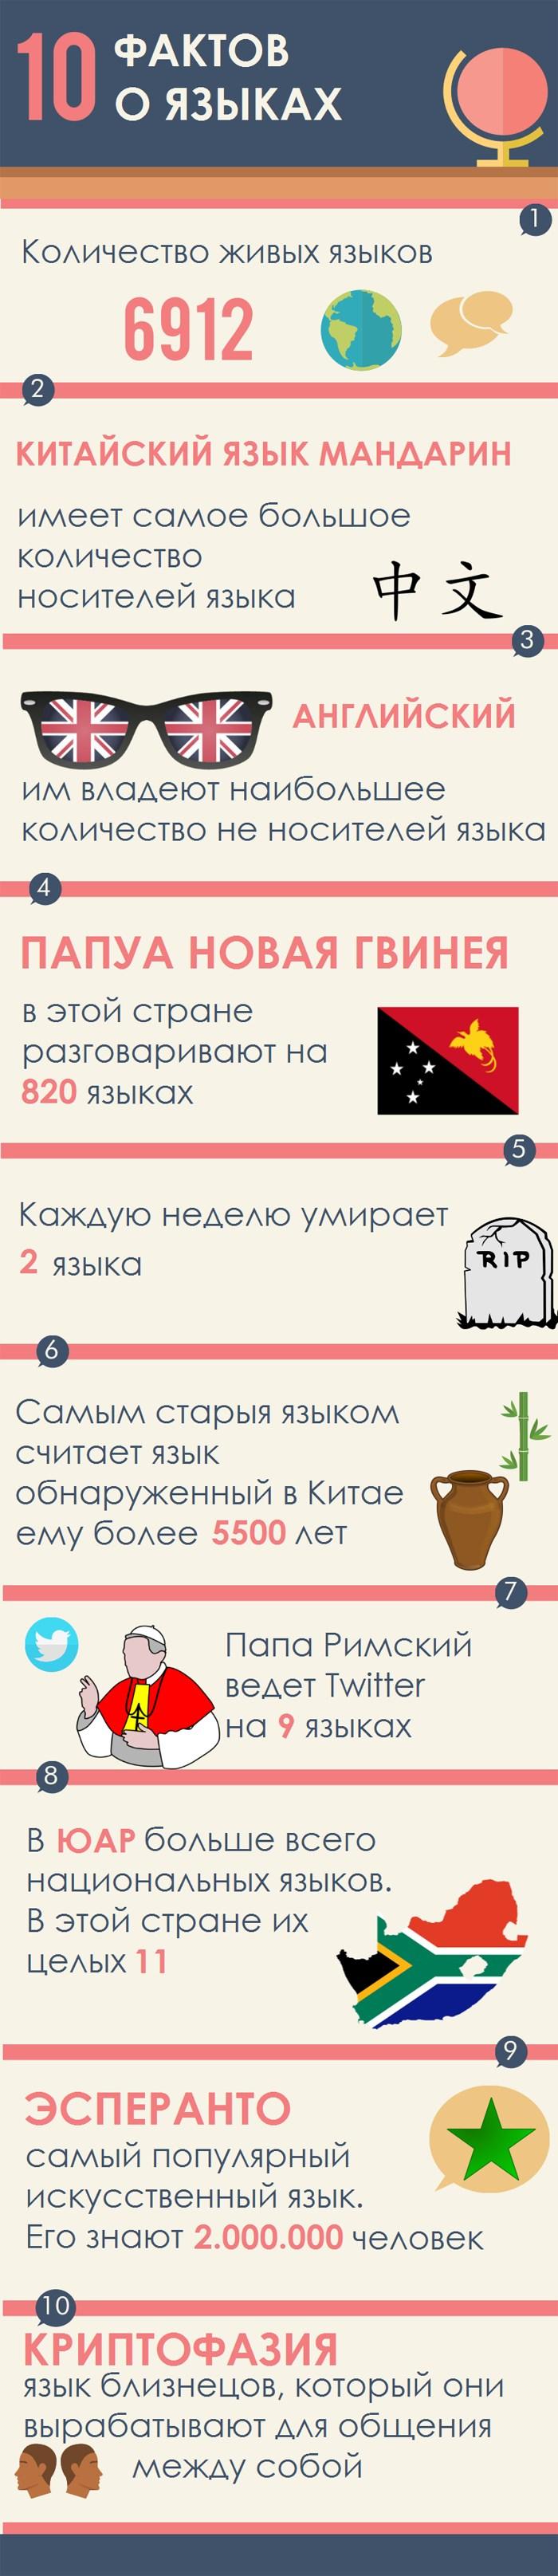 http://pulson.ru/wp-content/uploads/2015/01/22.jpg